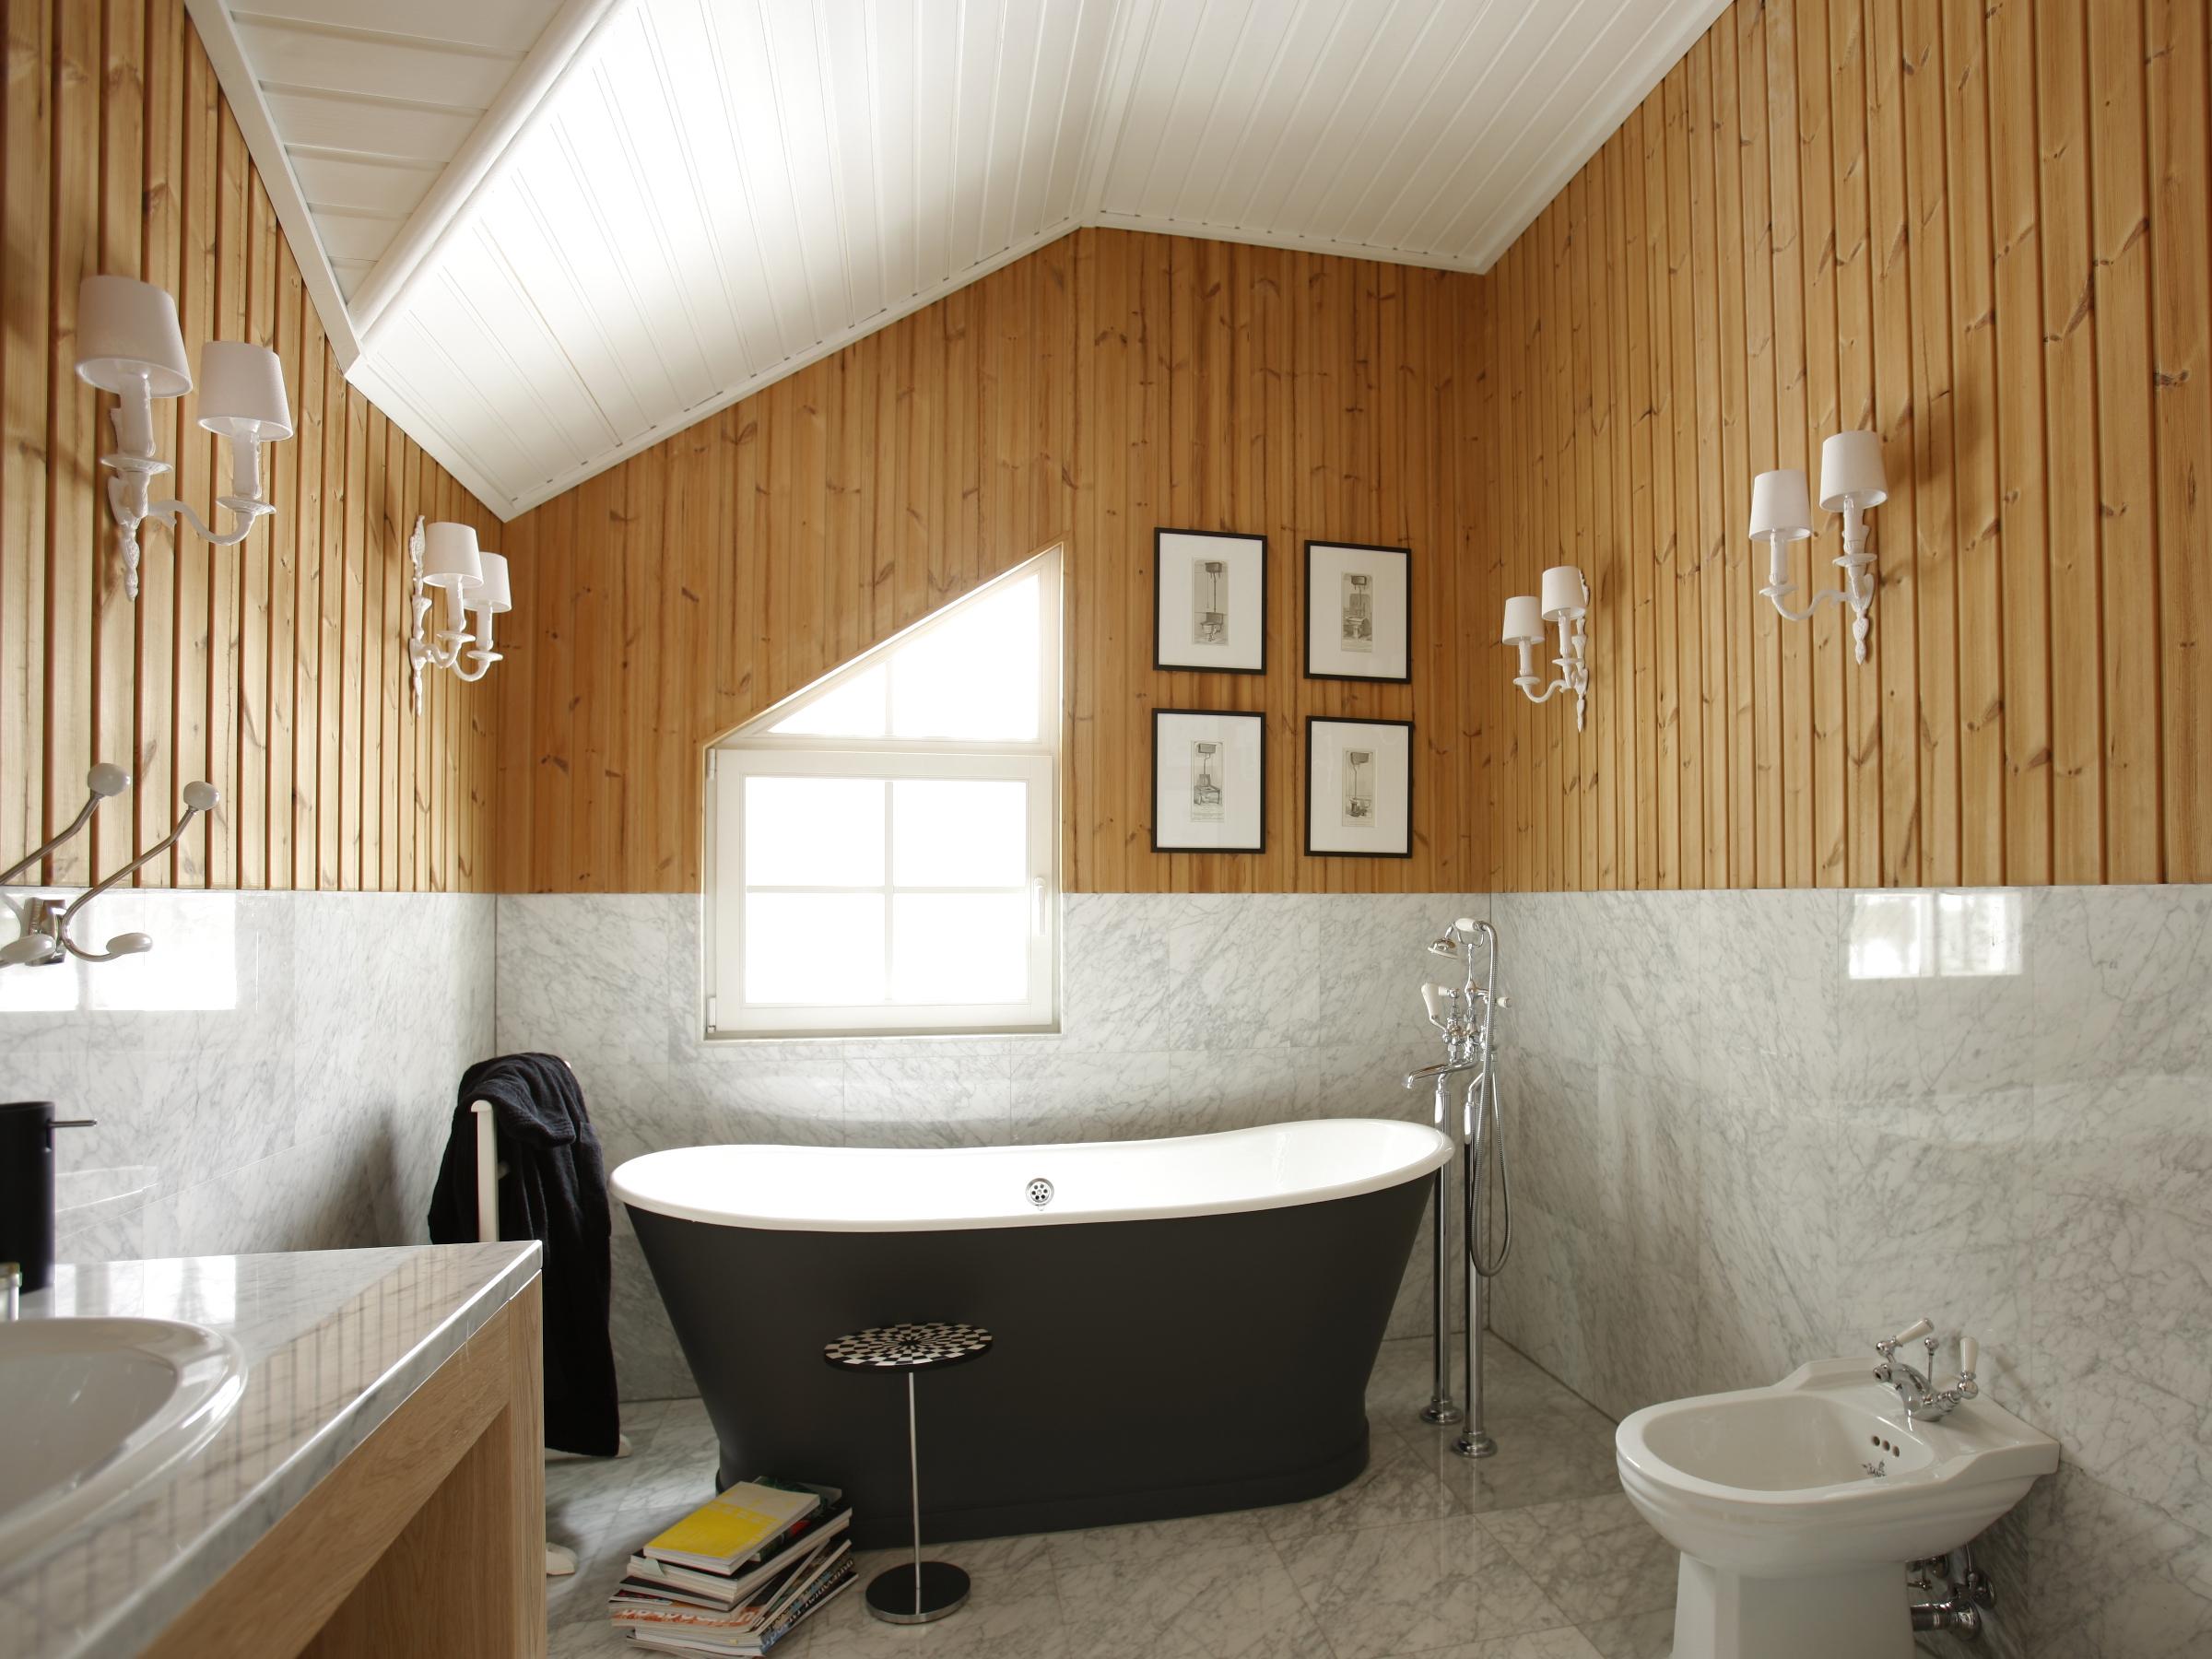 Ванной комнаты из дерева своими руками